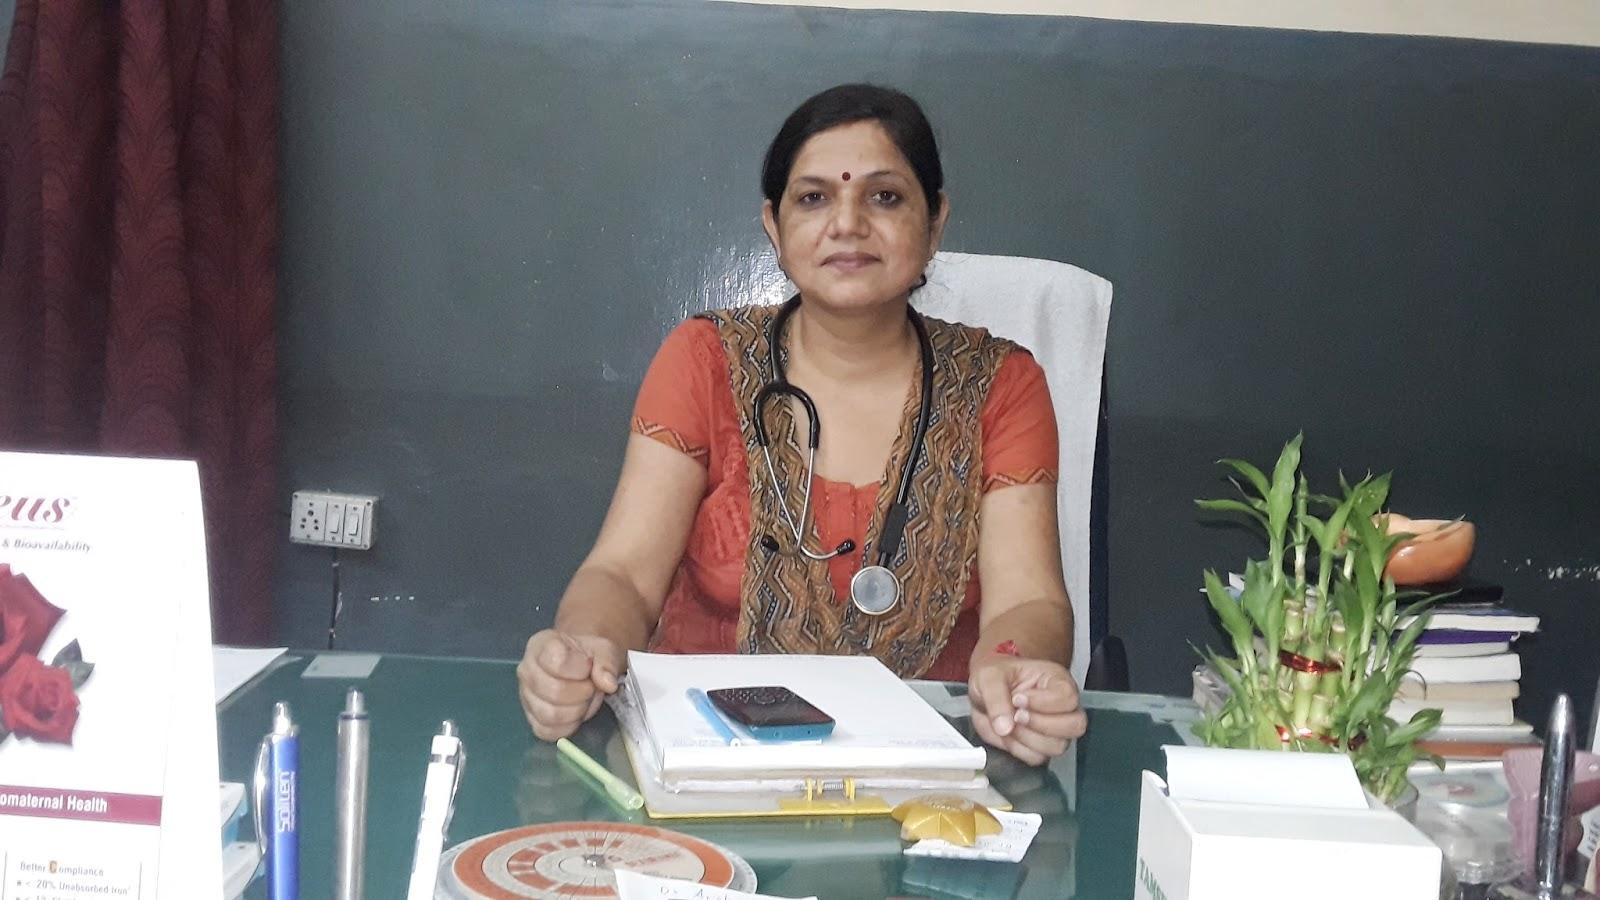 मेरा गोरा रंग देखकर सास ने मुझे तौफे में साड़ी दिया : डॉ. अर्चना मिश्रा, स्त्री रोग विशेषज्ञ (अस्सिस्टेंट प्रोफ़ेसर), एन.एम.सी.एच.पटना